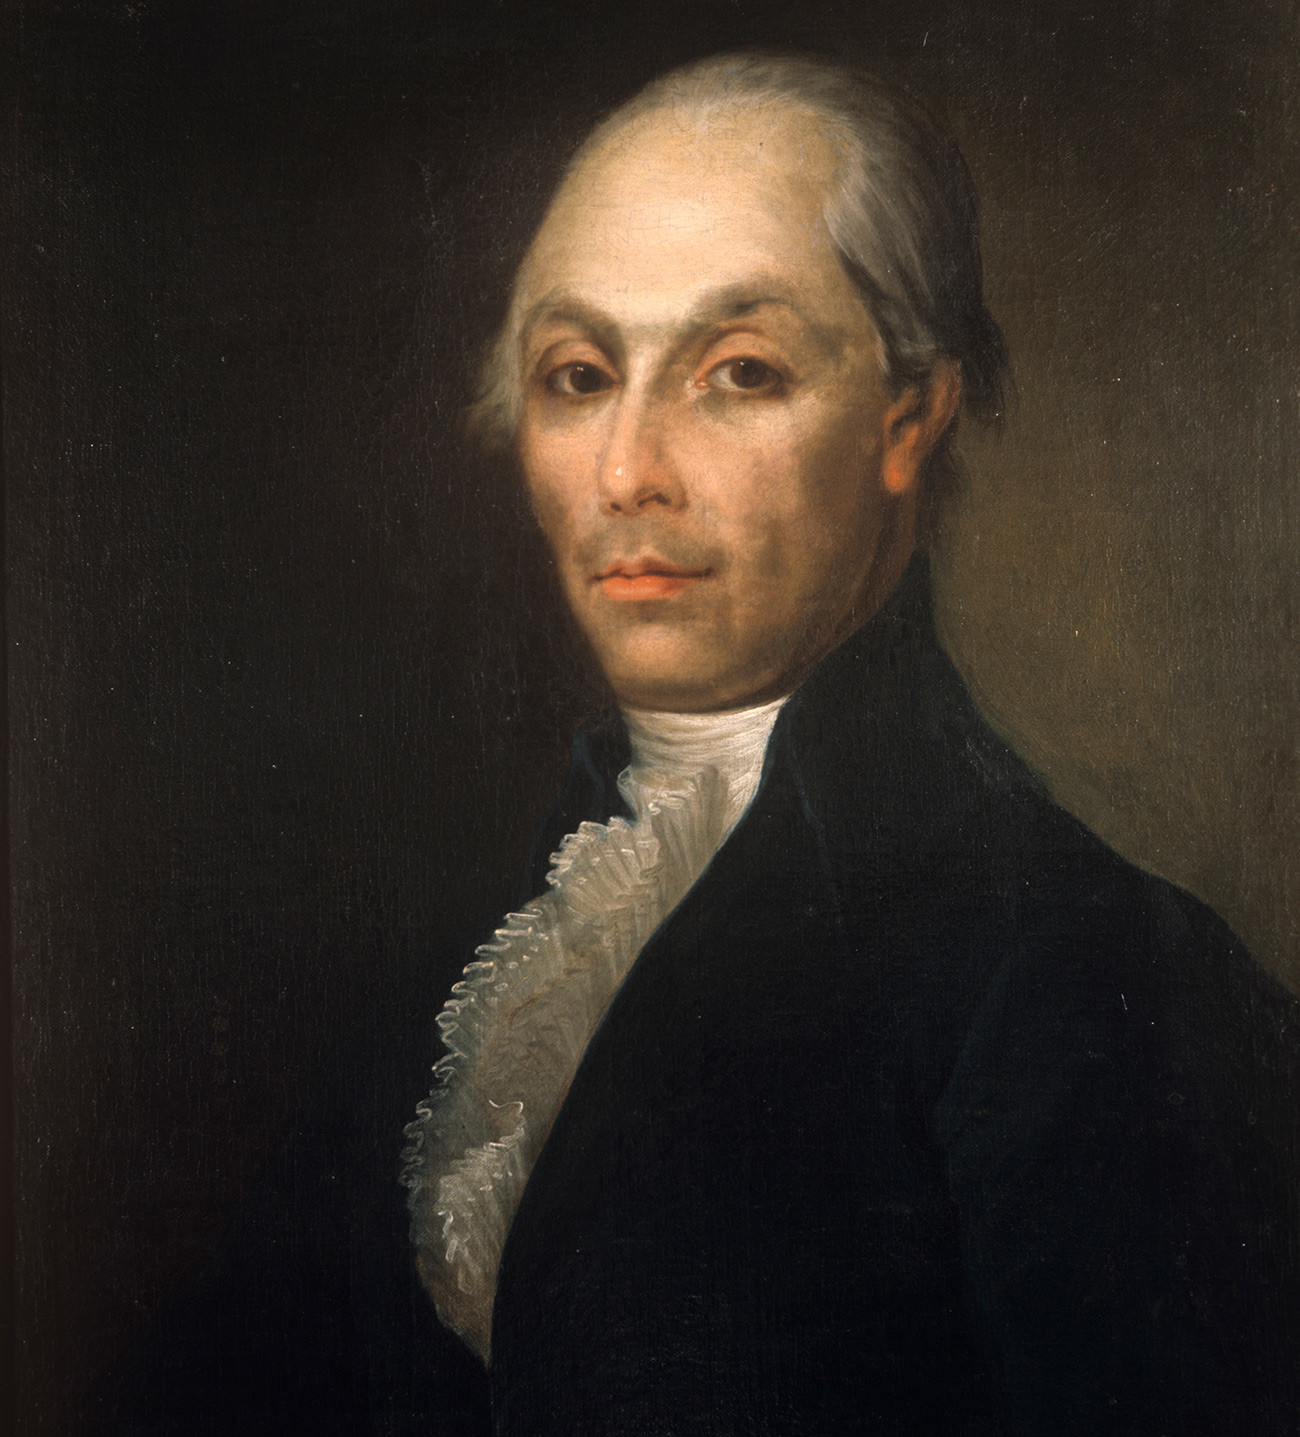 Portret A. N. Radiščeva, avtor slike neznan, reprodukcija